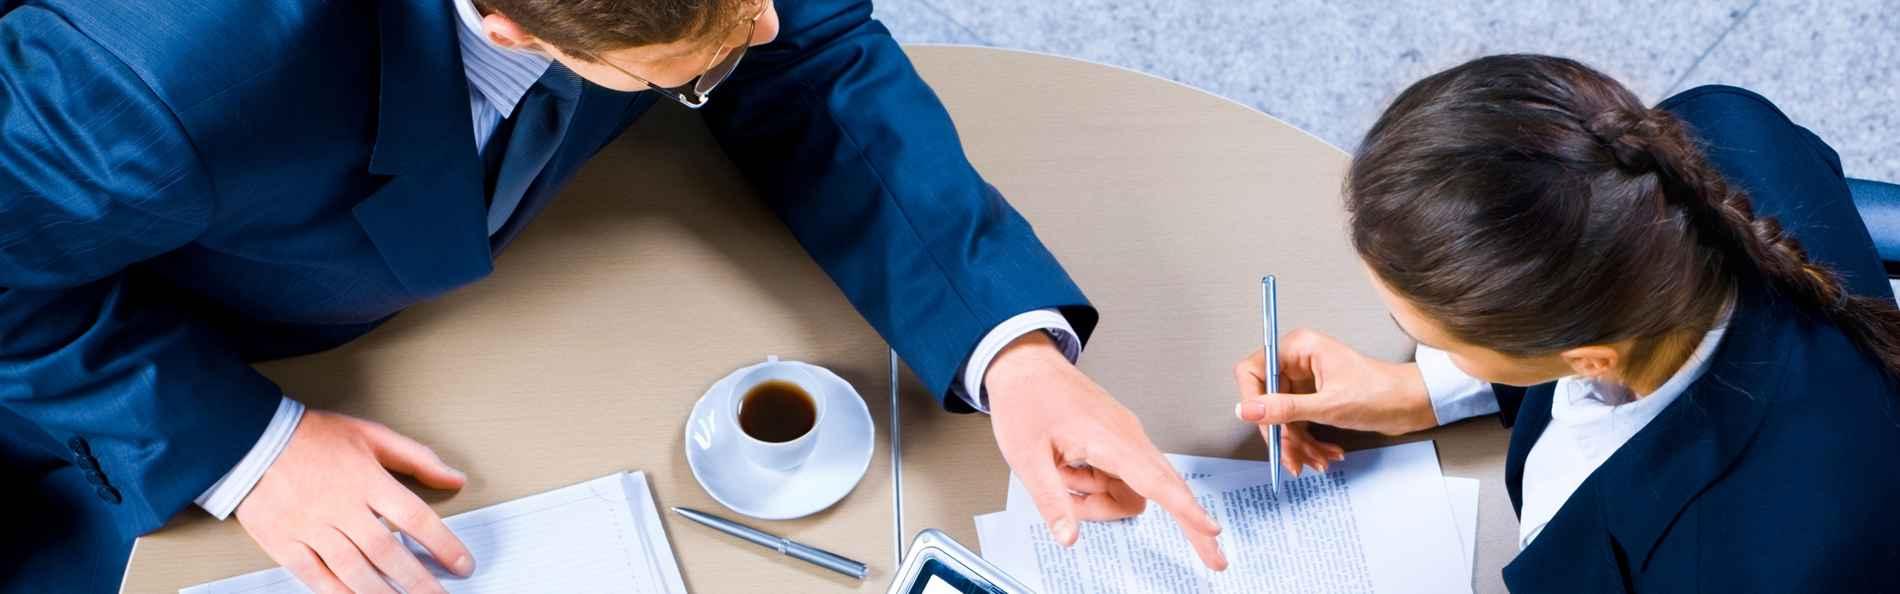 Юридические консультации юридическим лицам, Юридические консультации